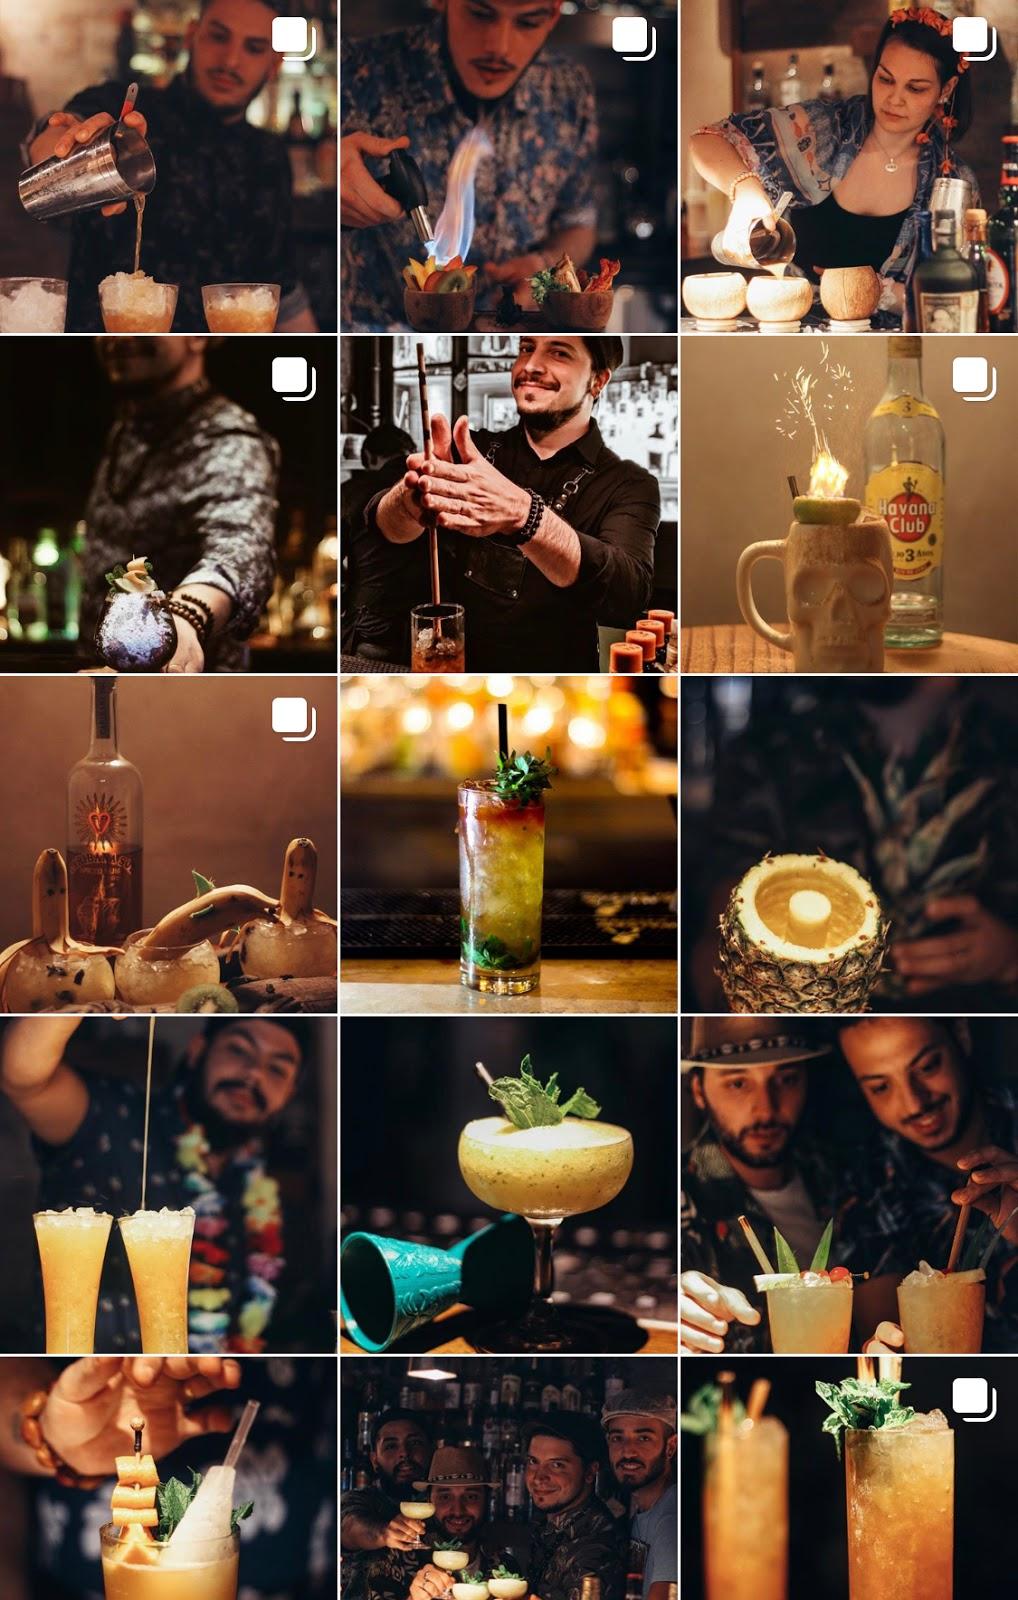 el arte del bar